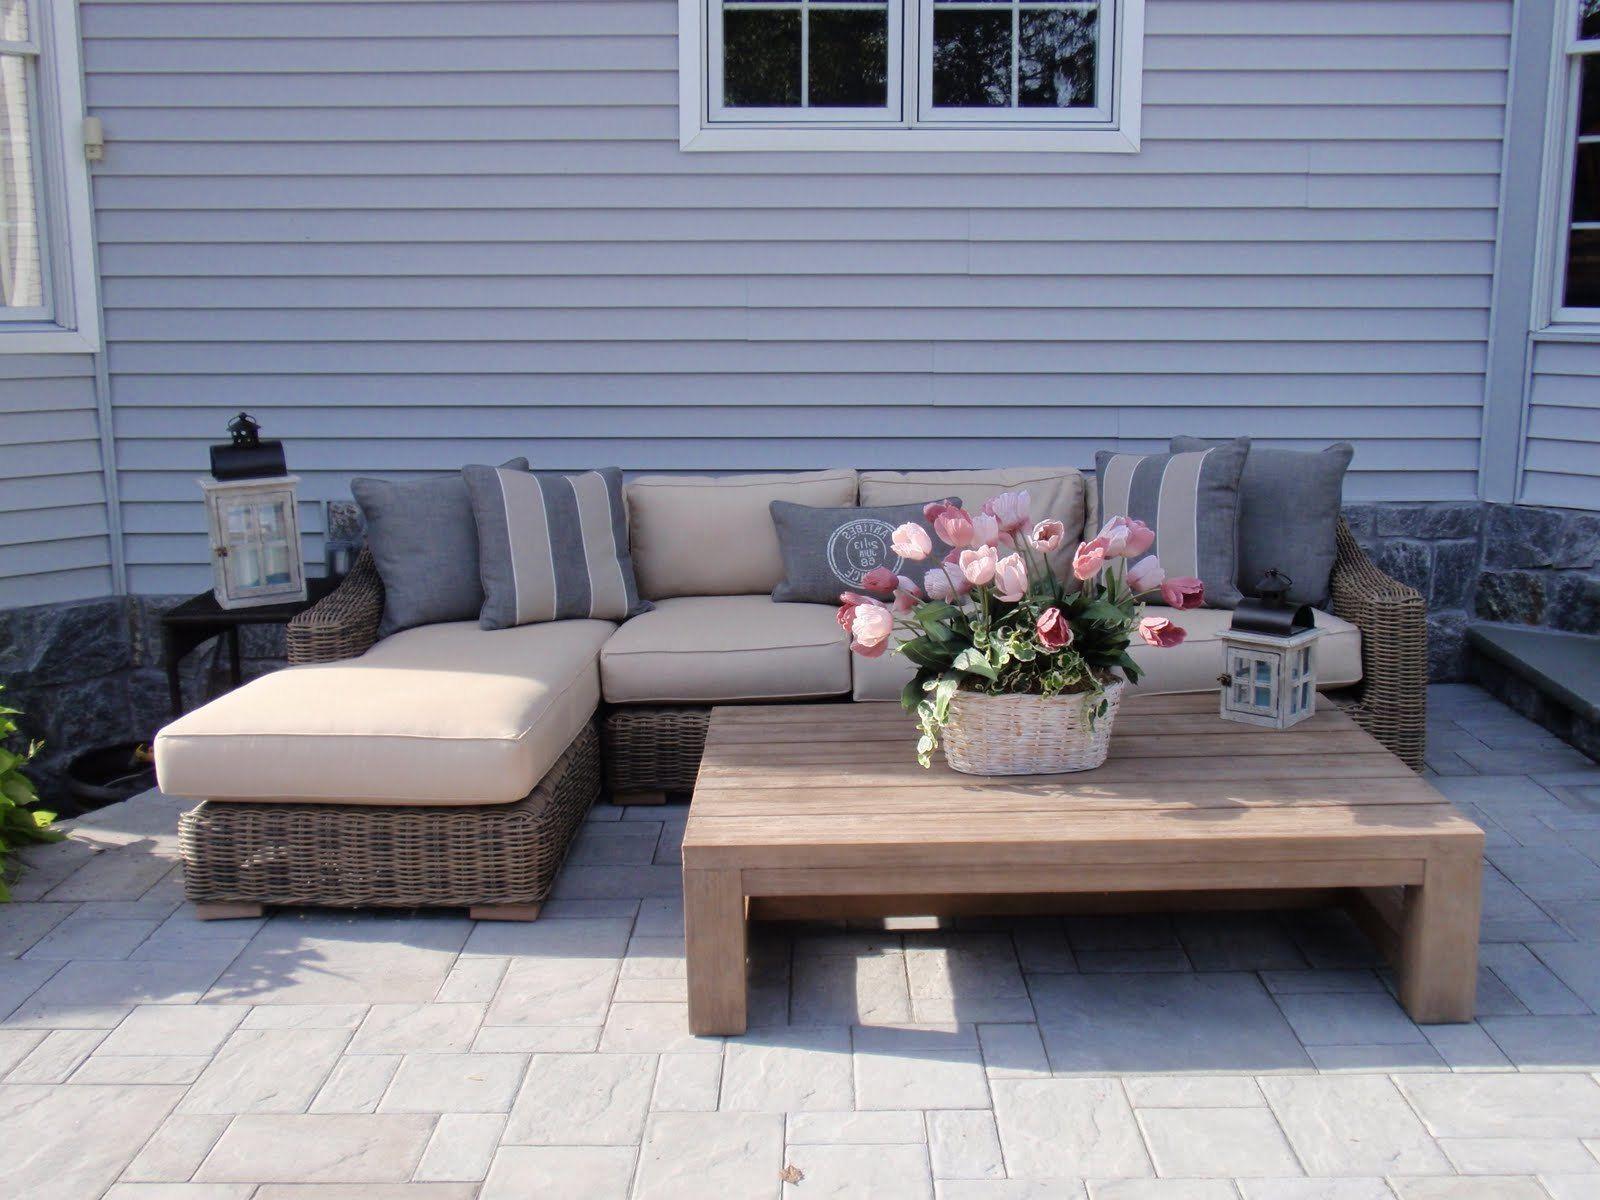 27 Vorschläge Für Hochwertige Gartenmöbel Und Pflegetipps! | Fur ... Teak Gartenmobel Outdoor Hochwertig